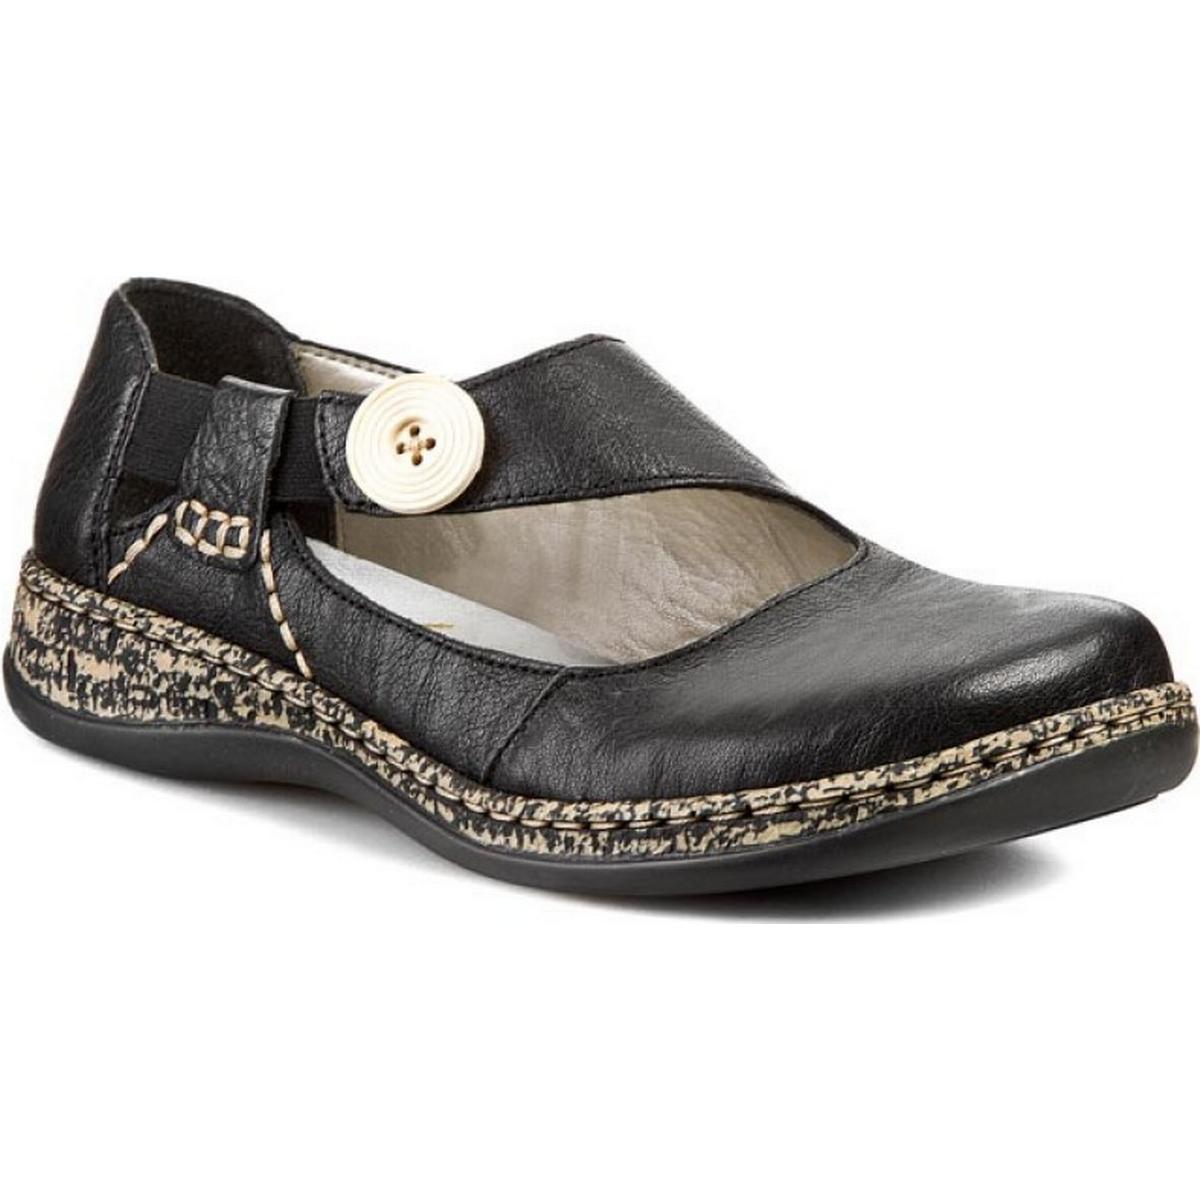 Rieker kvinde sandal cristallino sort Sko Sammenlign